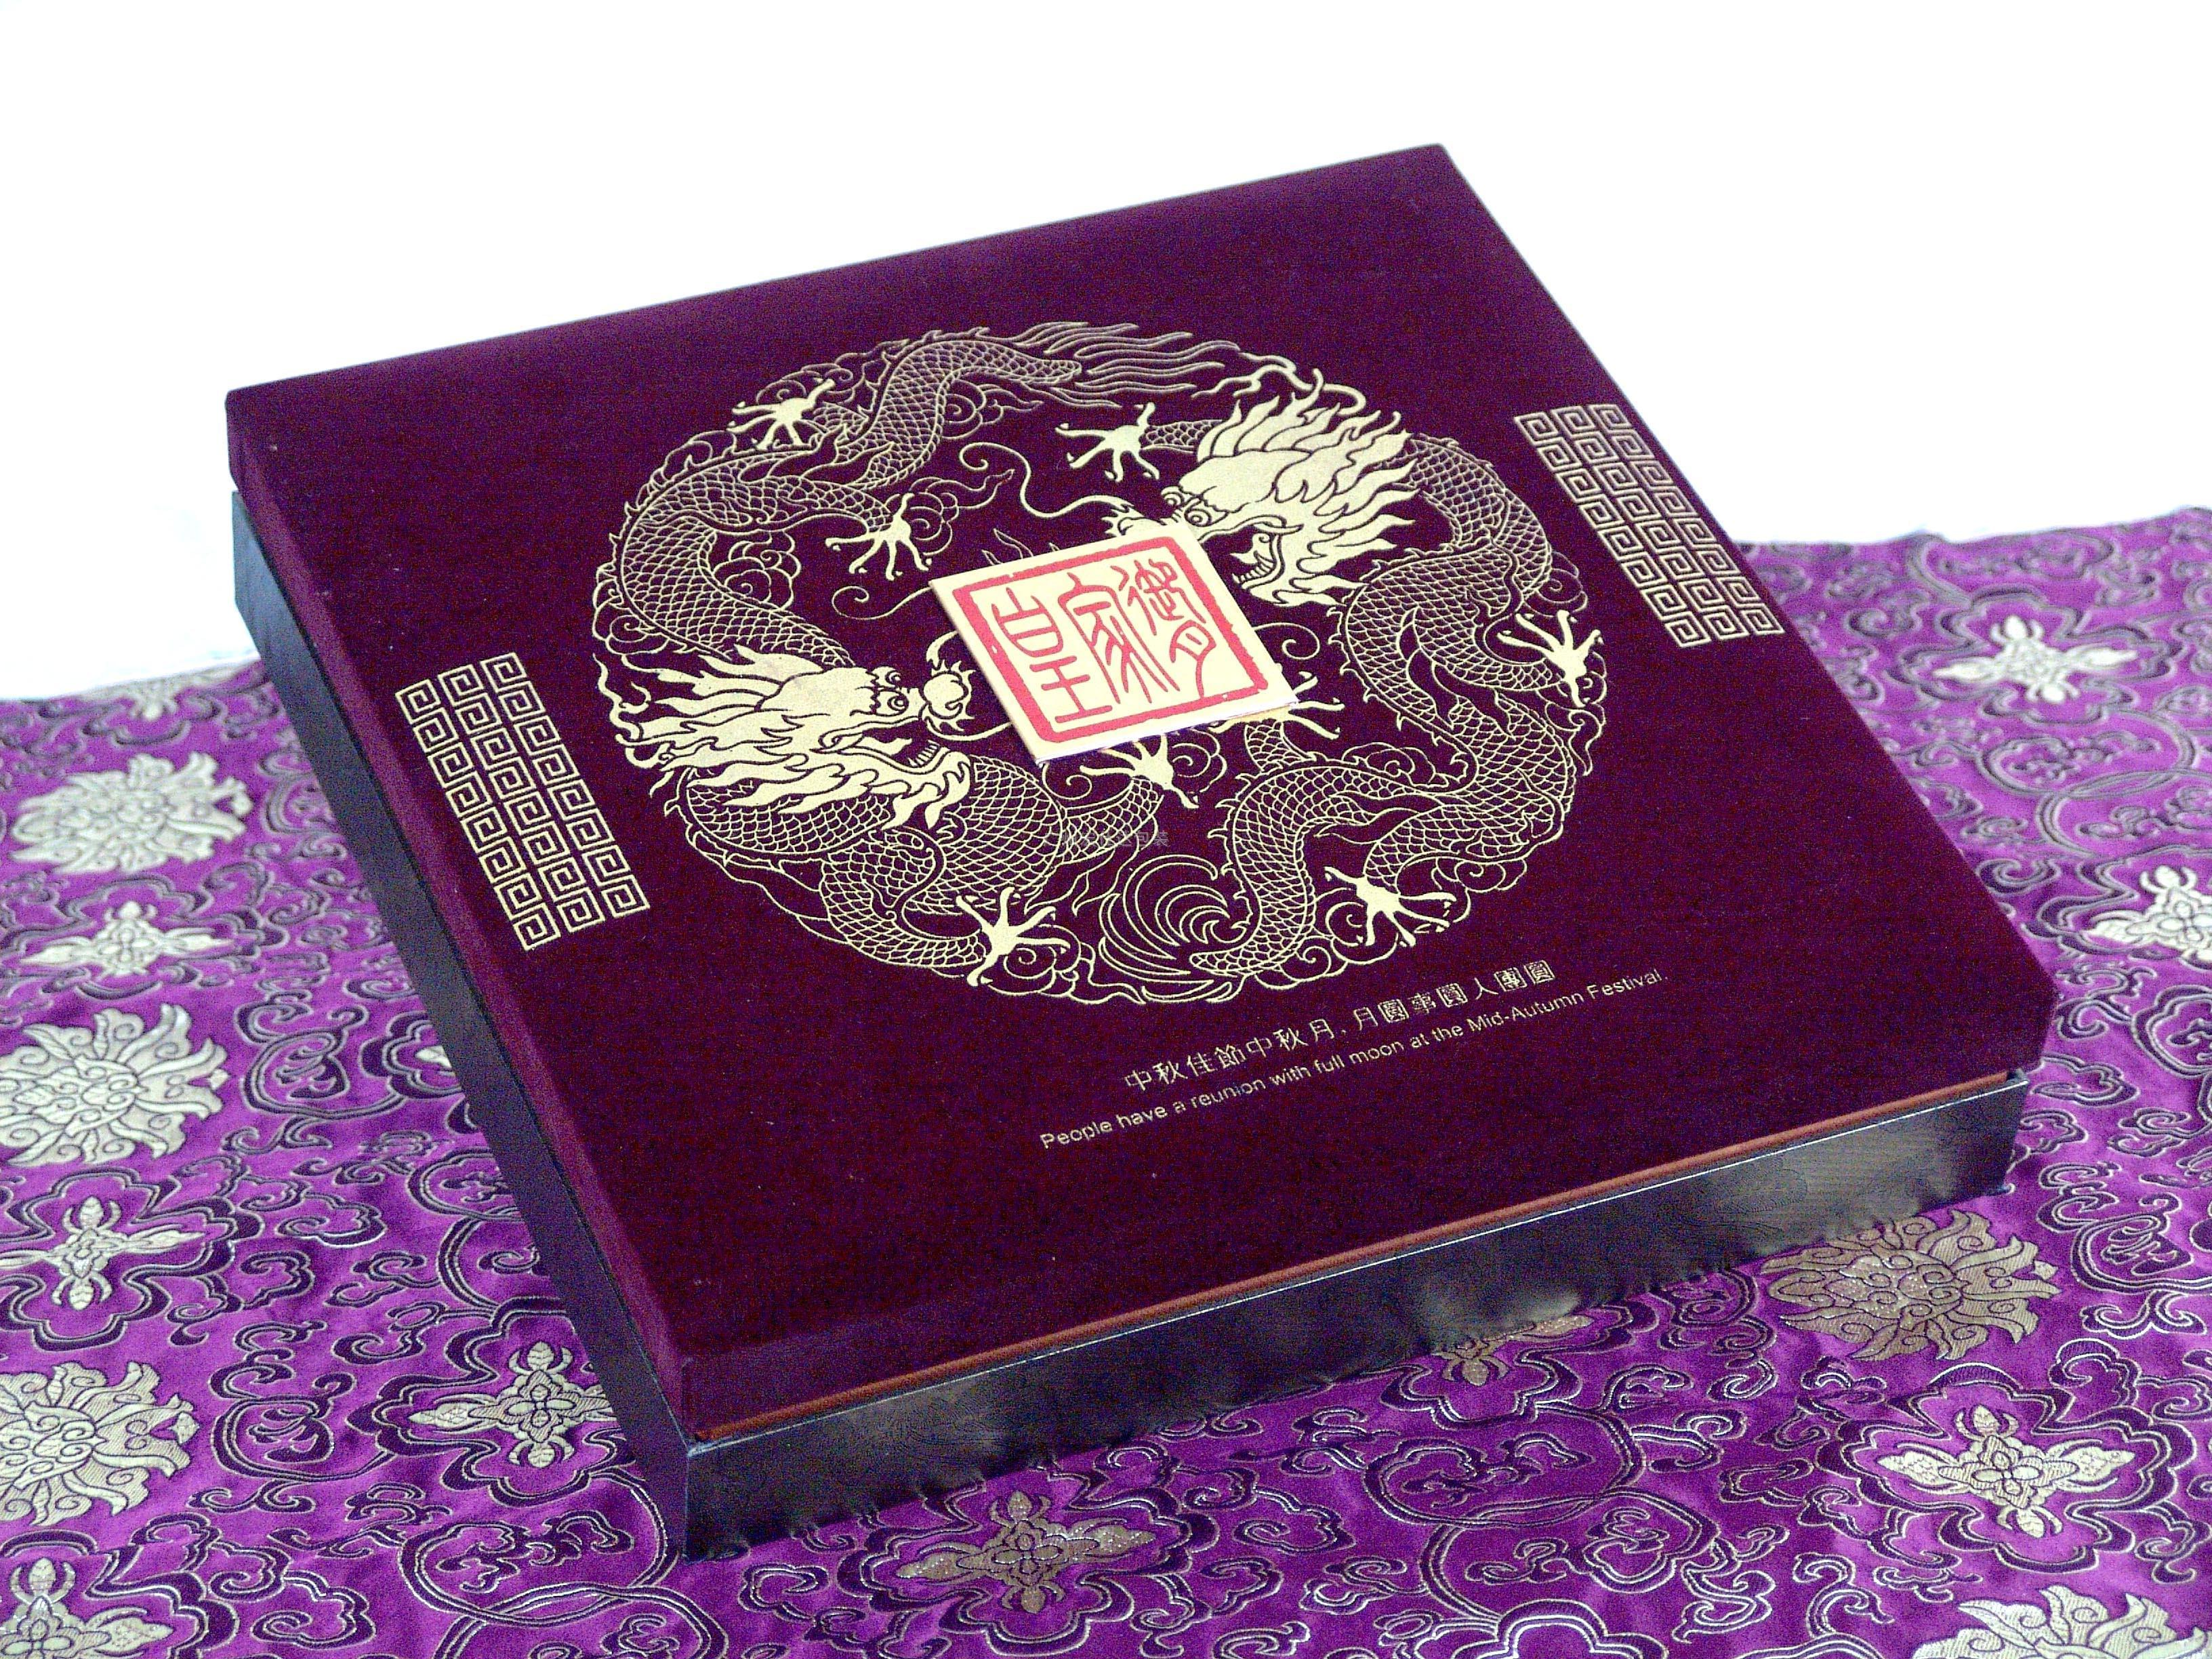 锦布月饼包装盒